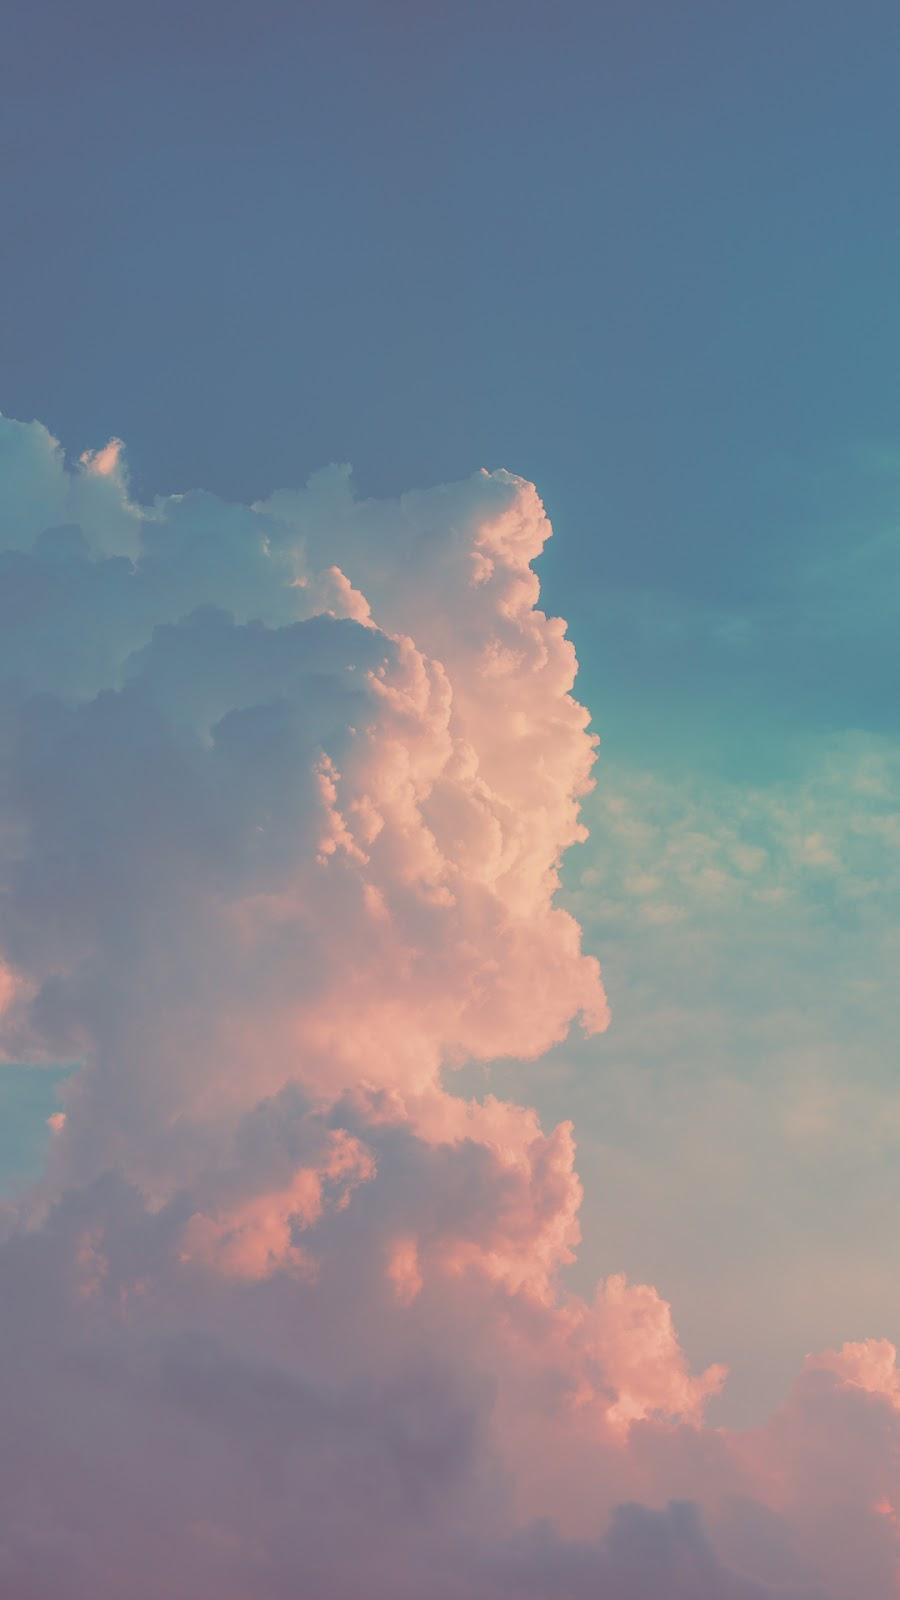 Ảnh mây mang sắc hồng đẹp lạ kỳ